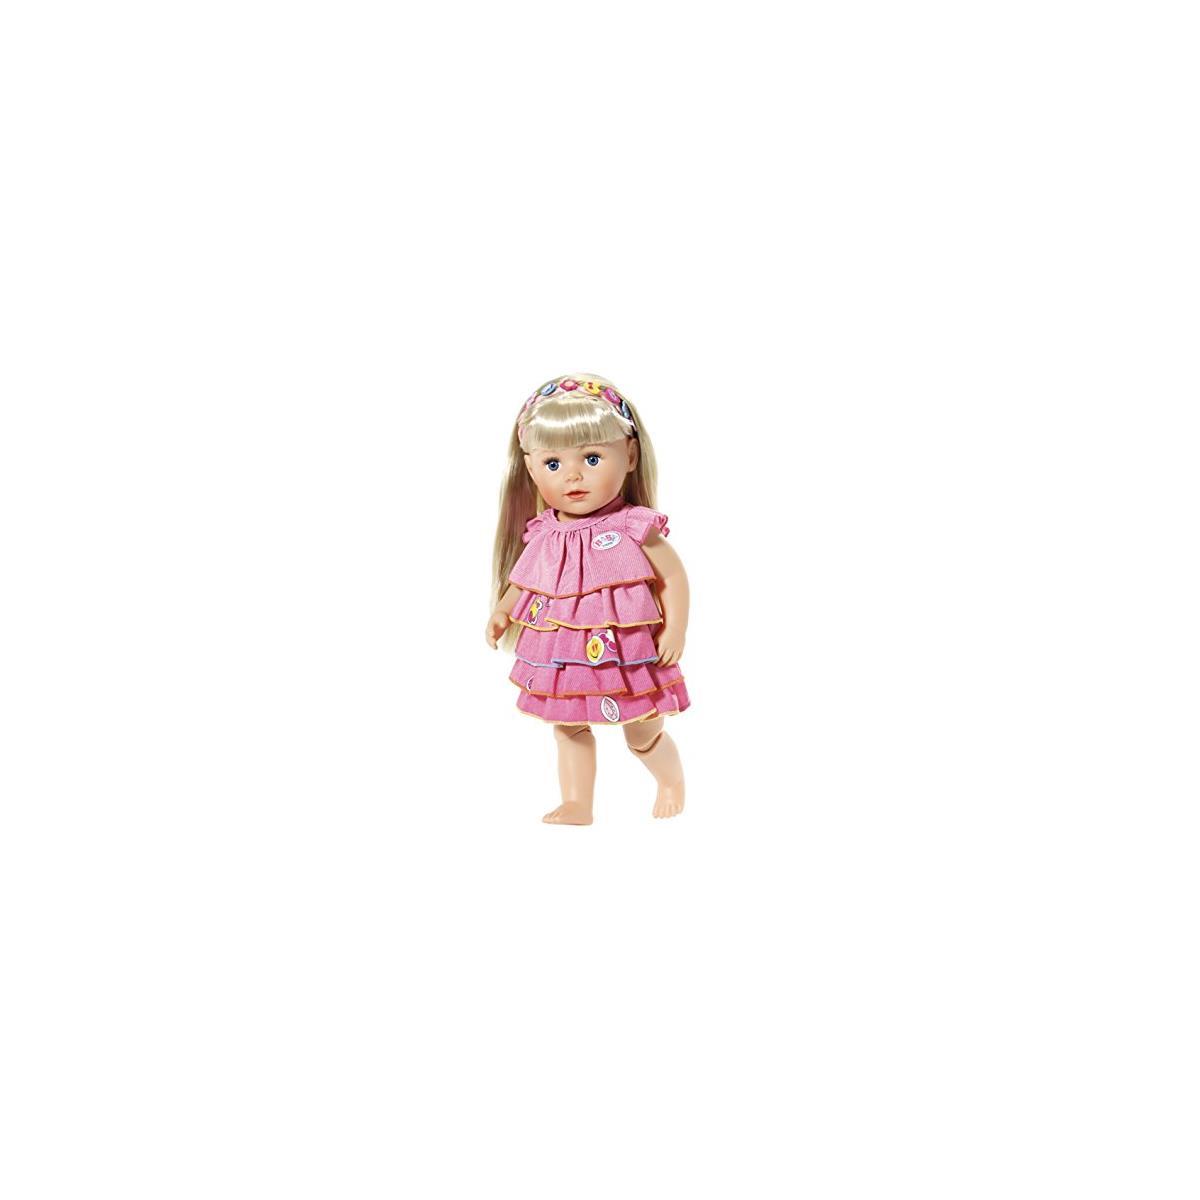 Kleidung & Accessoires Babypuppen & Zubehör bunt Zapf Creation 824481 Baby Born Sommerkleid Set mit Pins